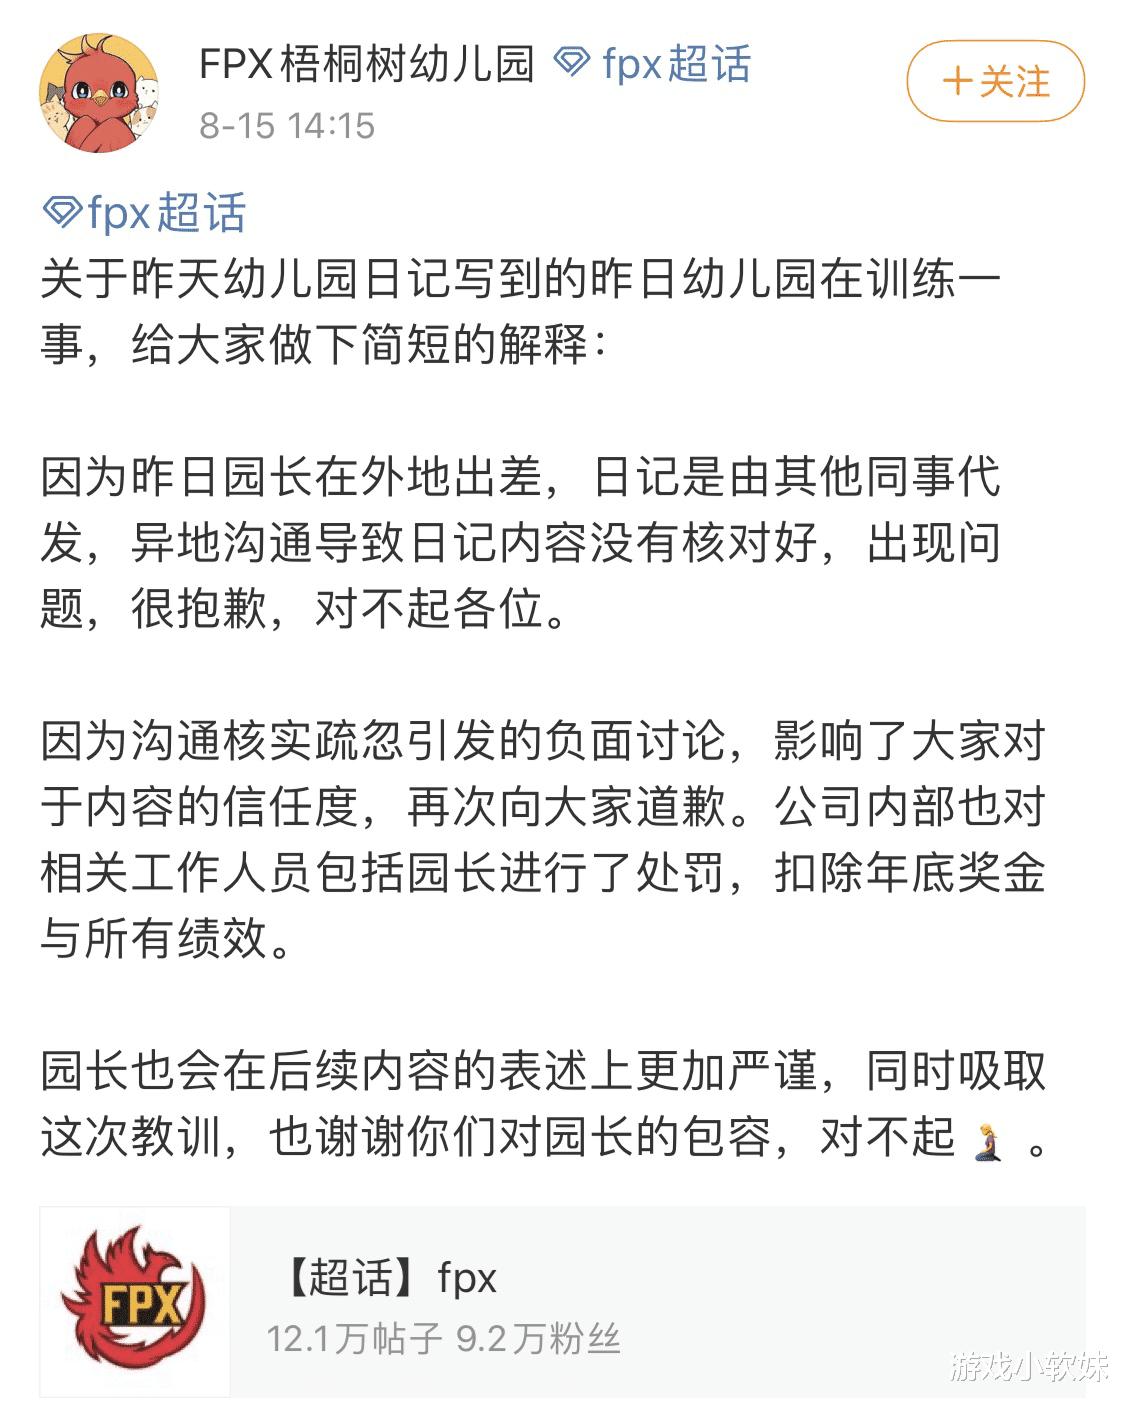 《【煜星娱乐公司】FPX运营被粉丝质疑撒谎,小号说打训练赛,实际选手外出游玩?》